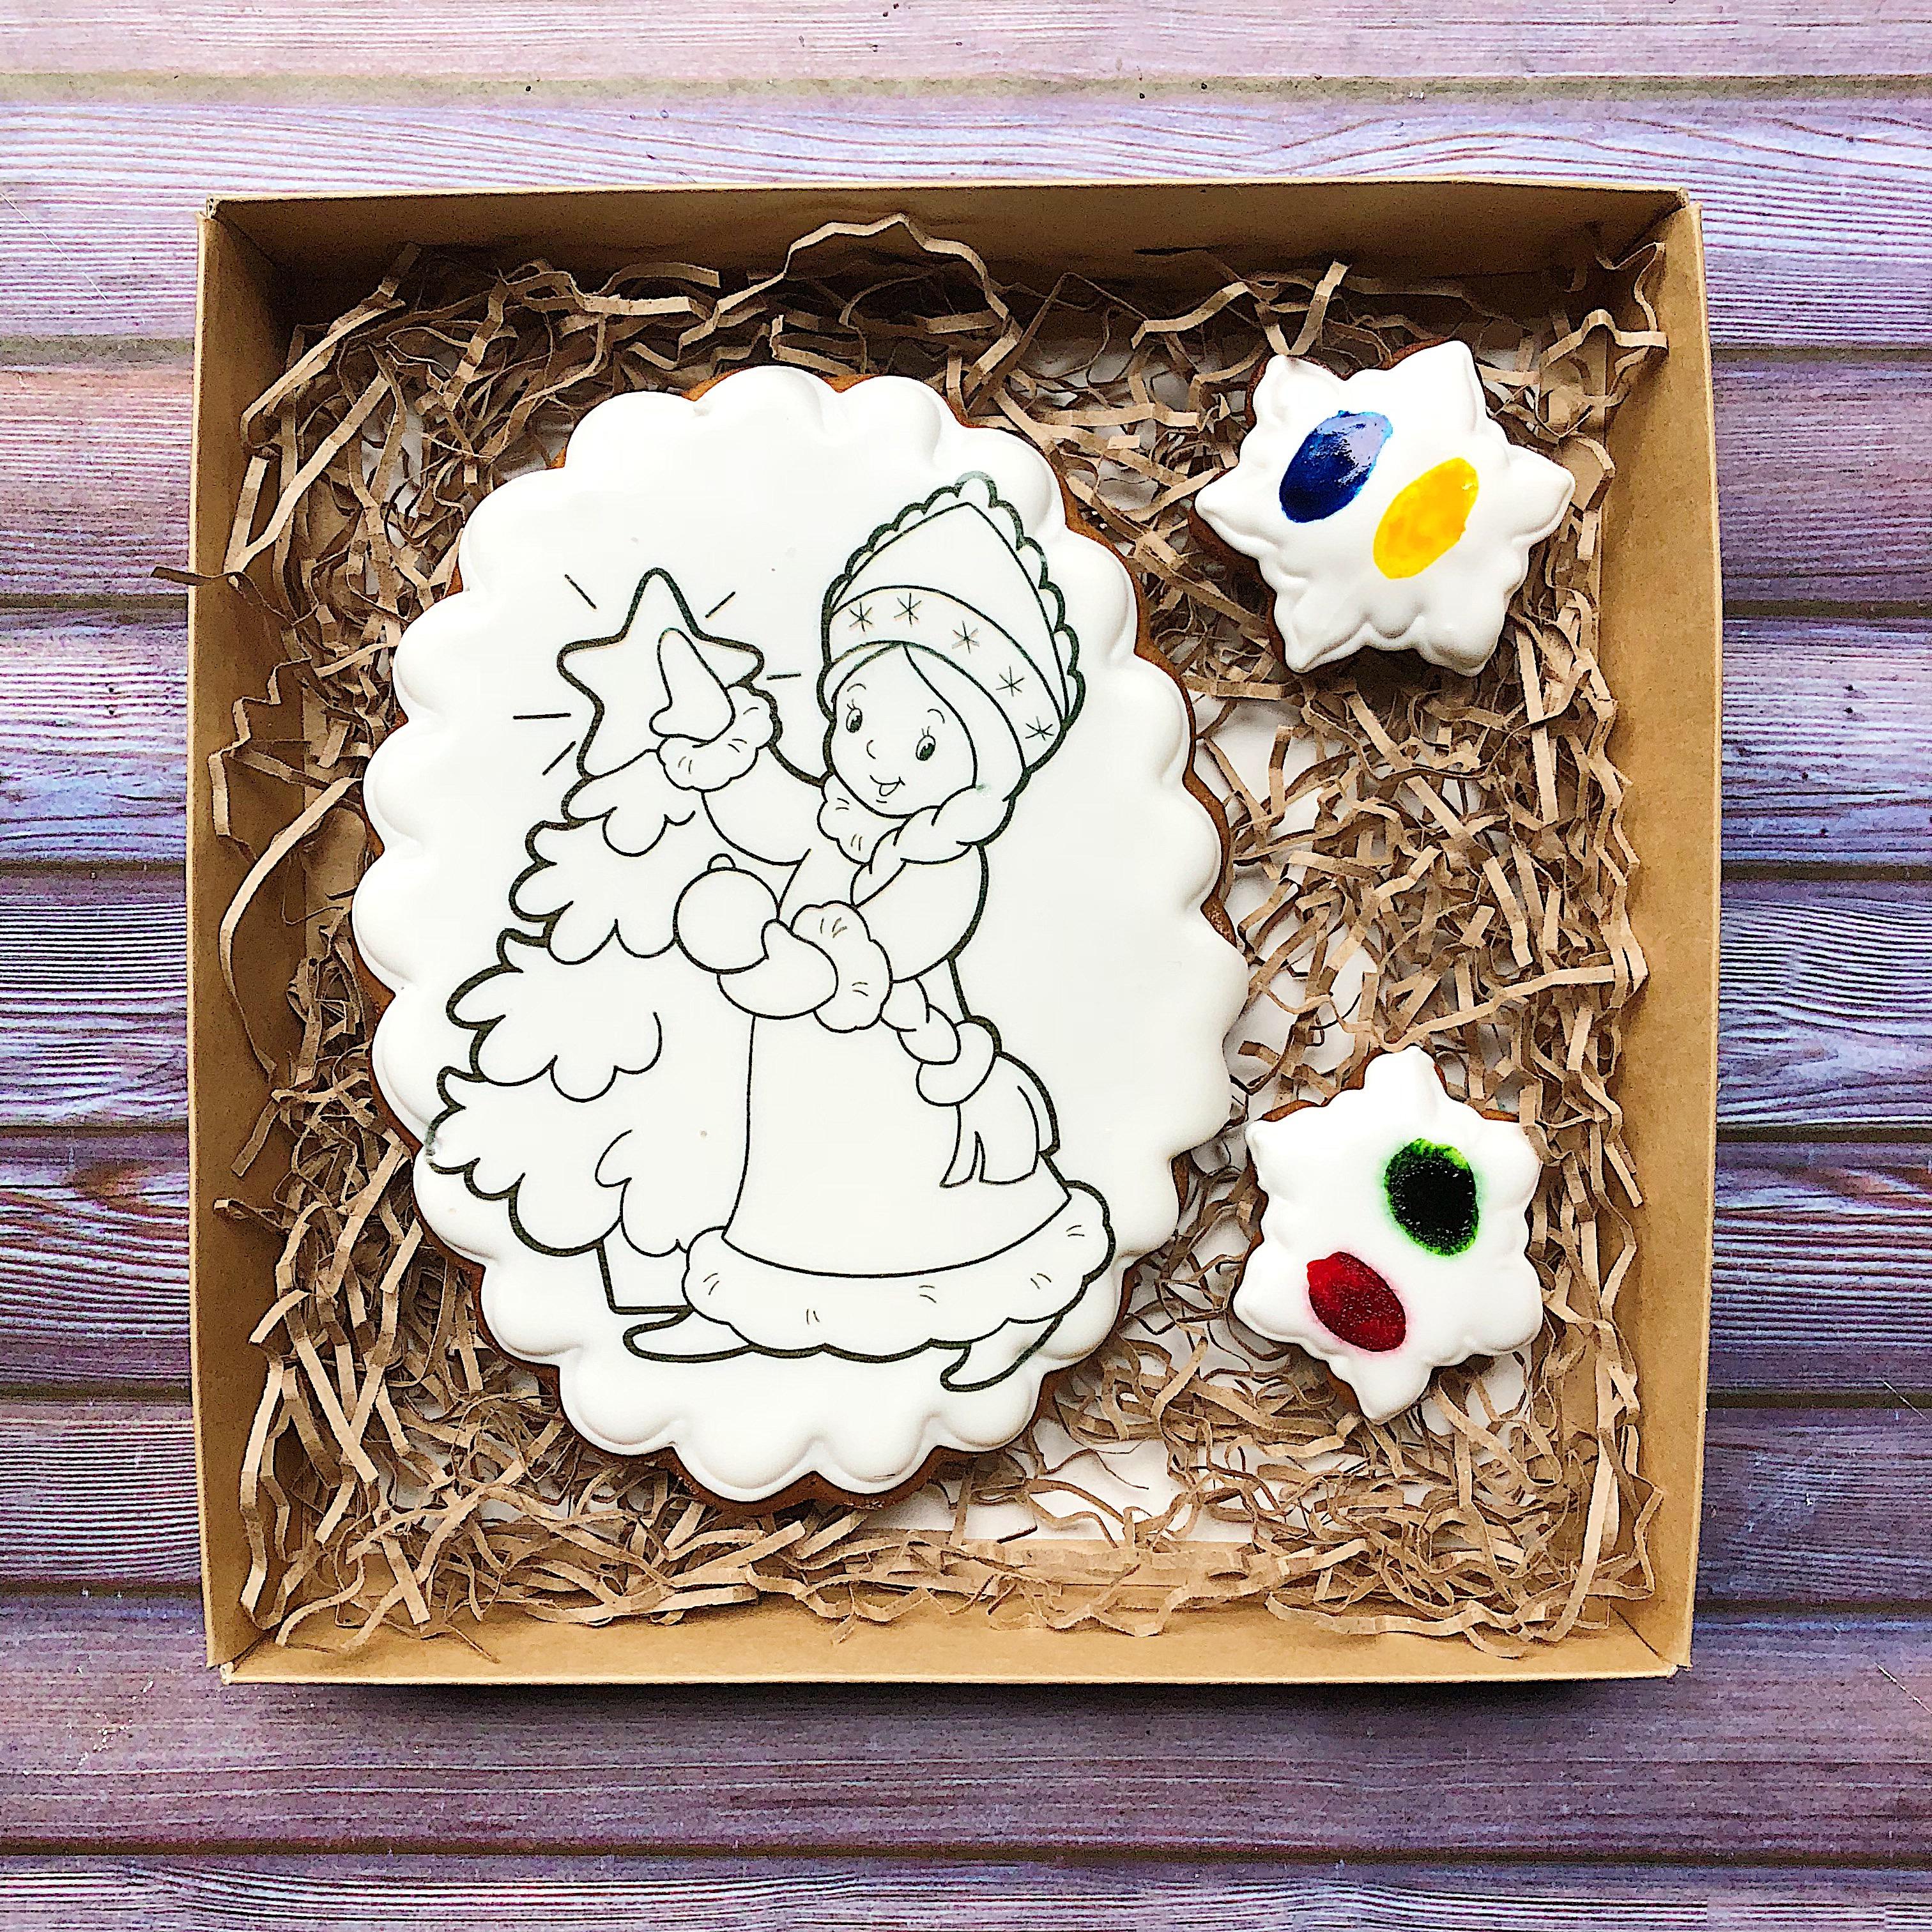 Пряник-раскраска «Снегурочка с елкой» - Купить подарочные ...